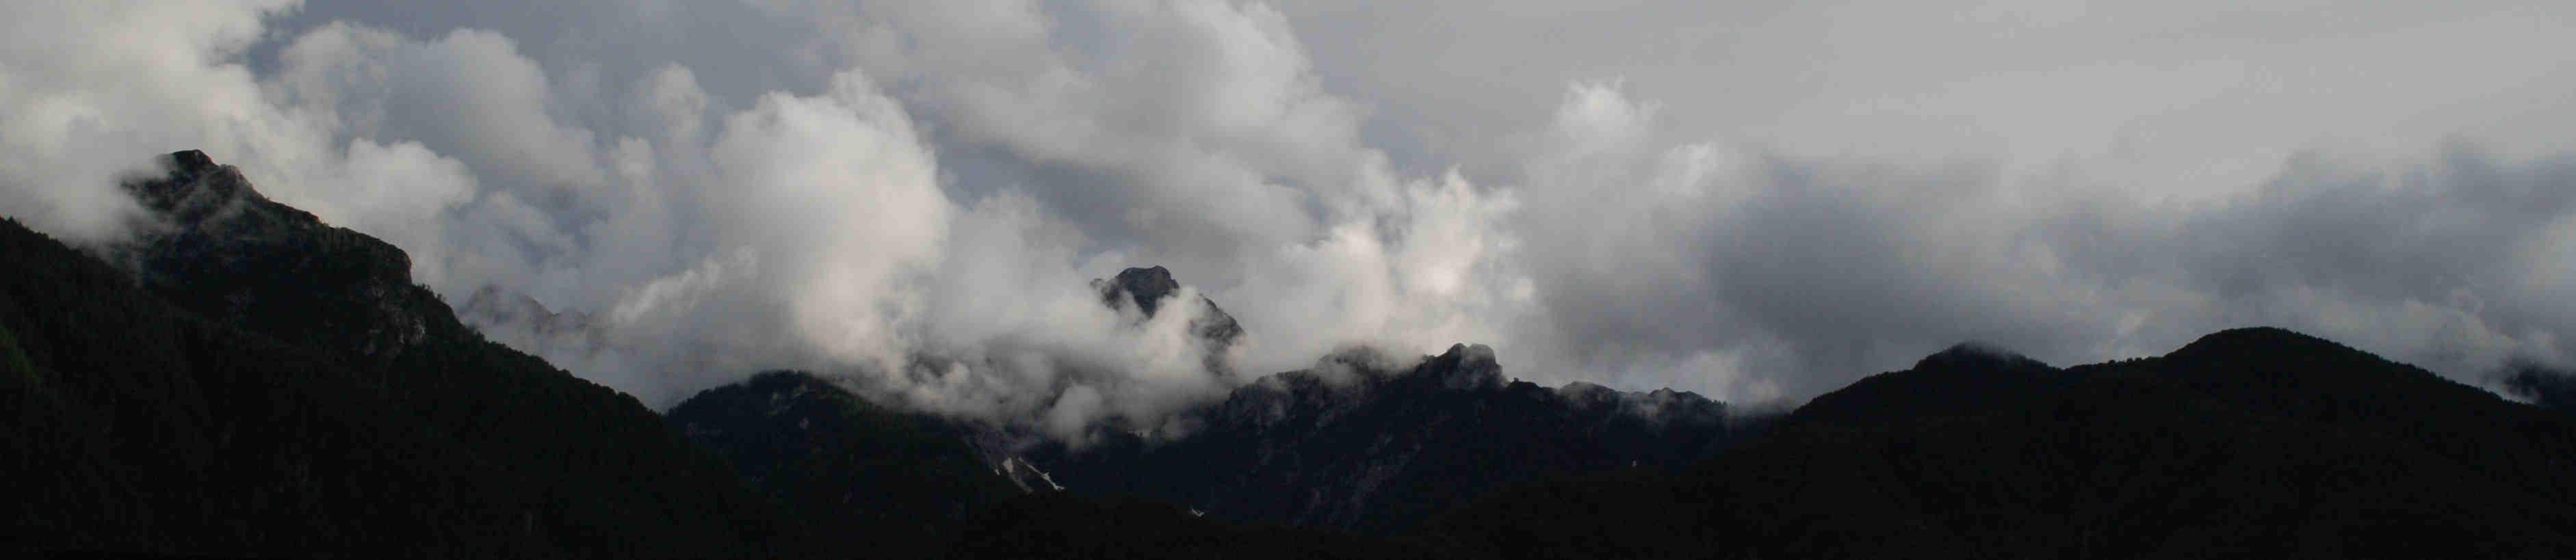 Chiarescons tra le nuvole